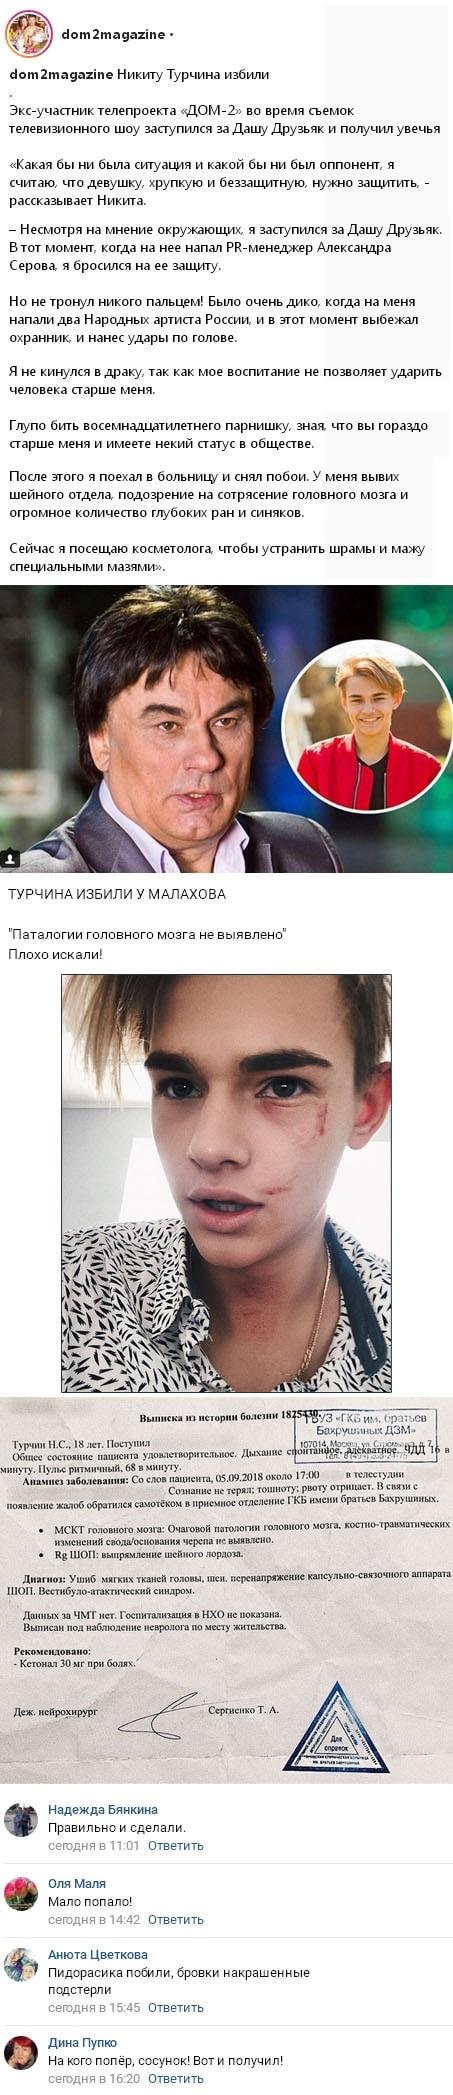 Никита Турчин рассказал о травмах полученных на шоу Андрея Малахова